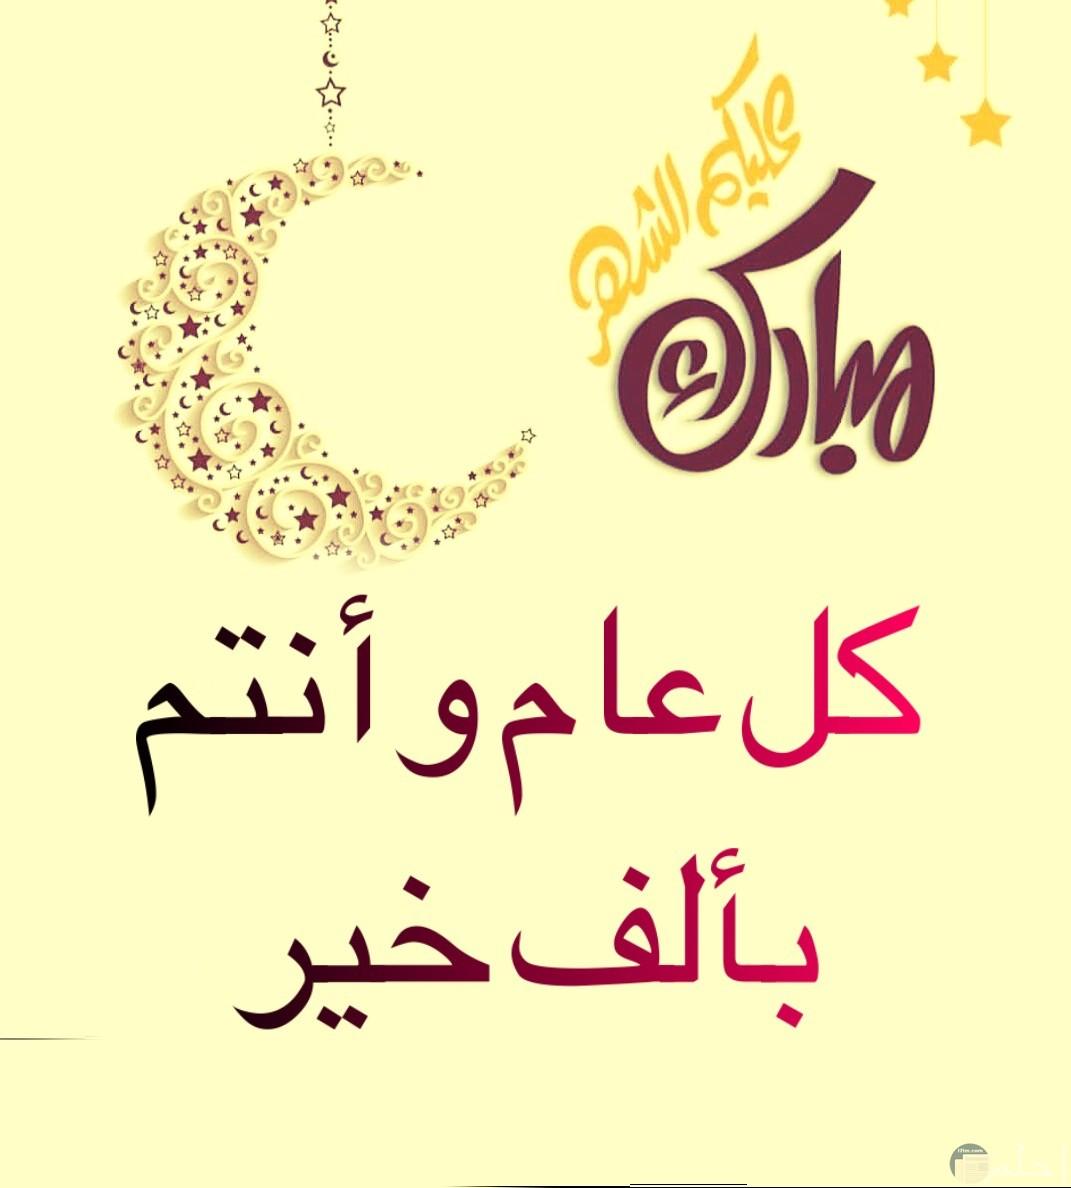 التهانى بشهر رمضان المبارك.